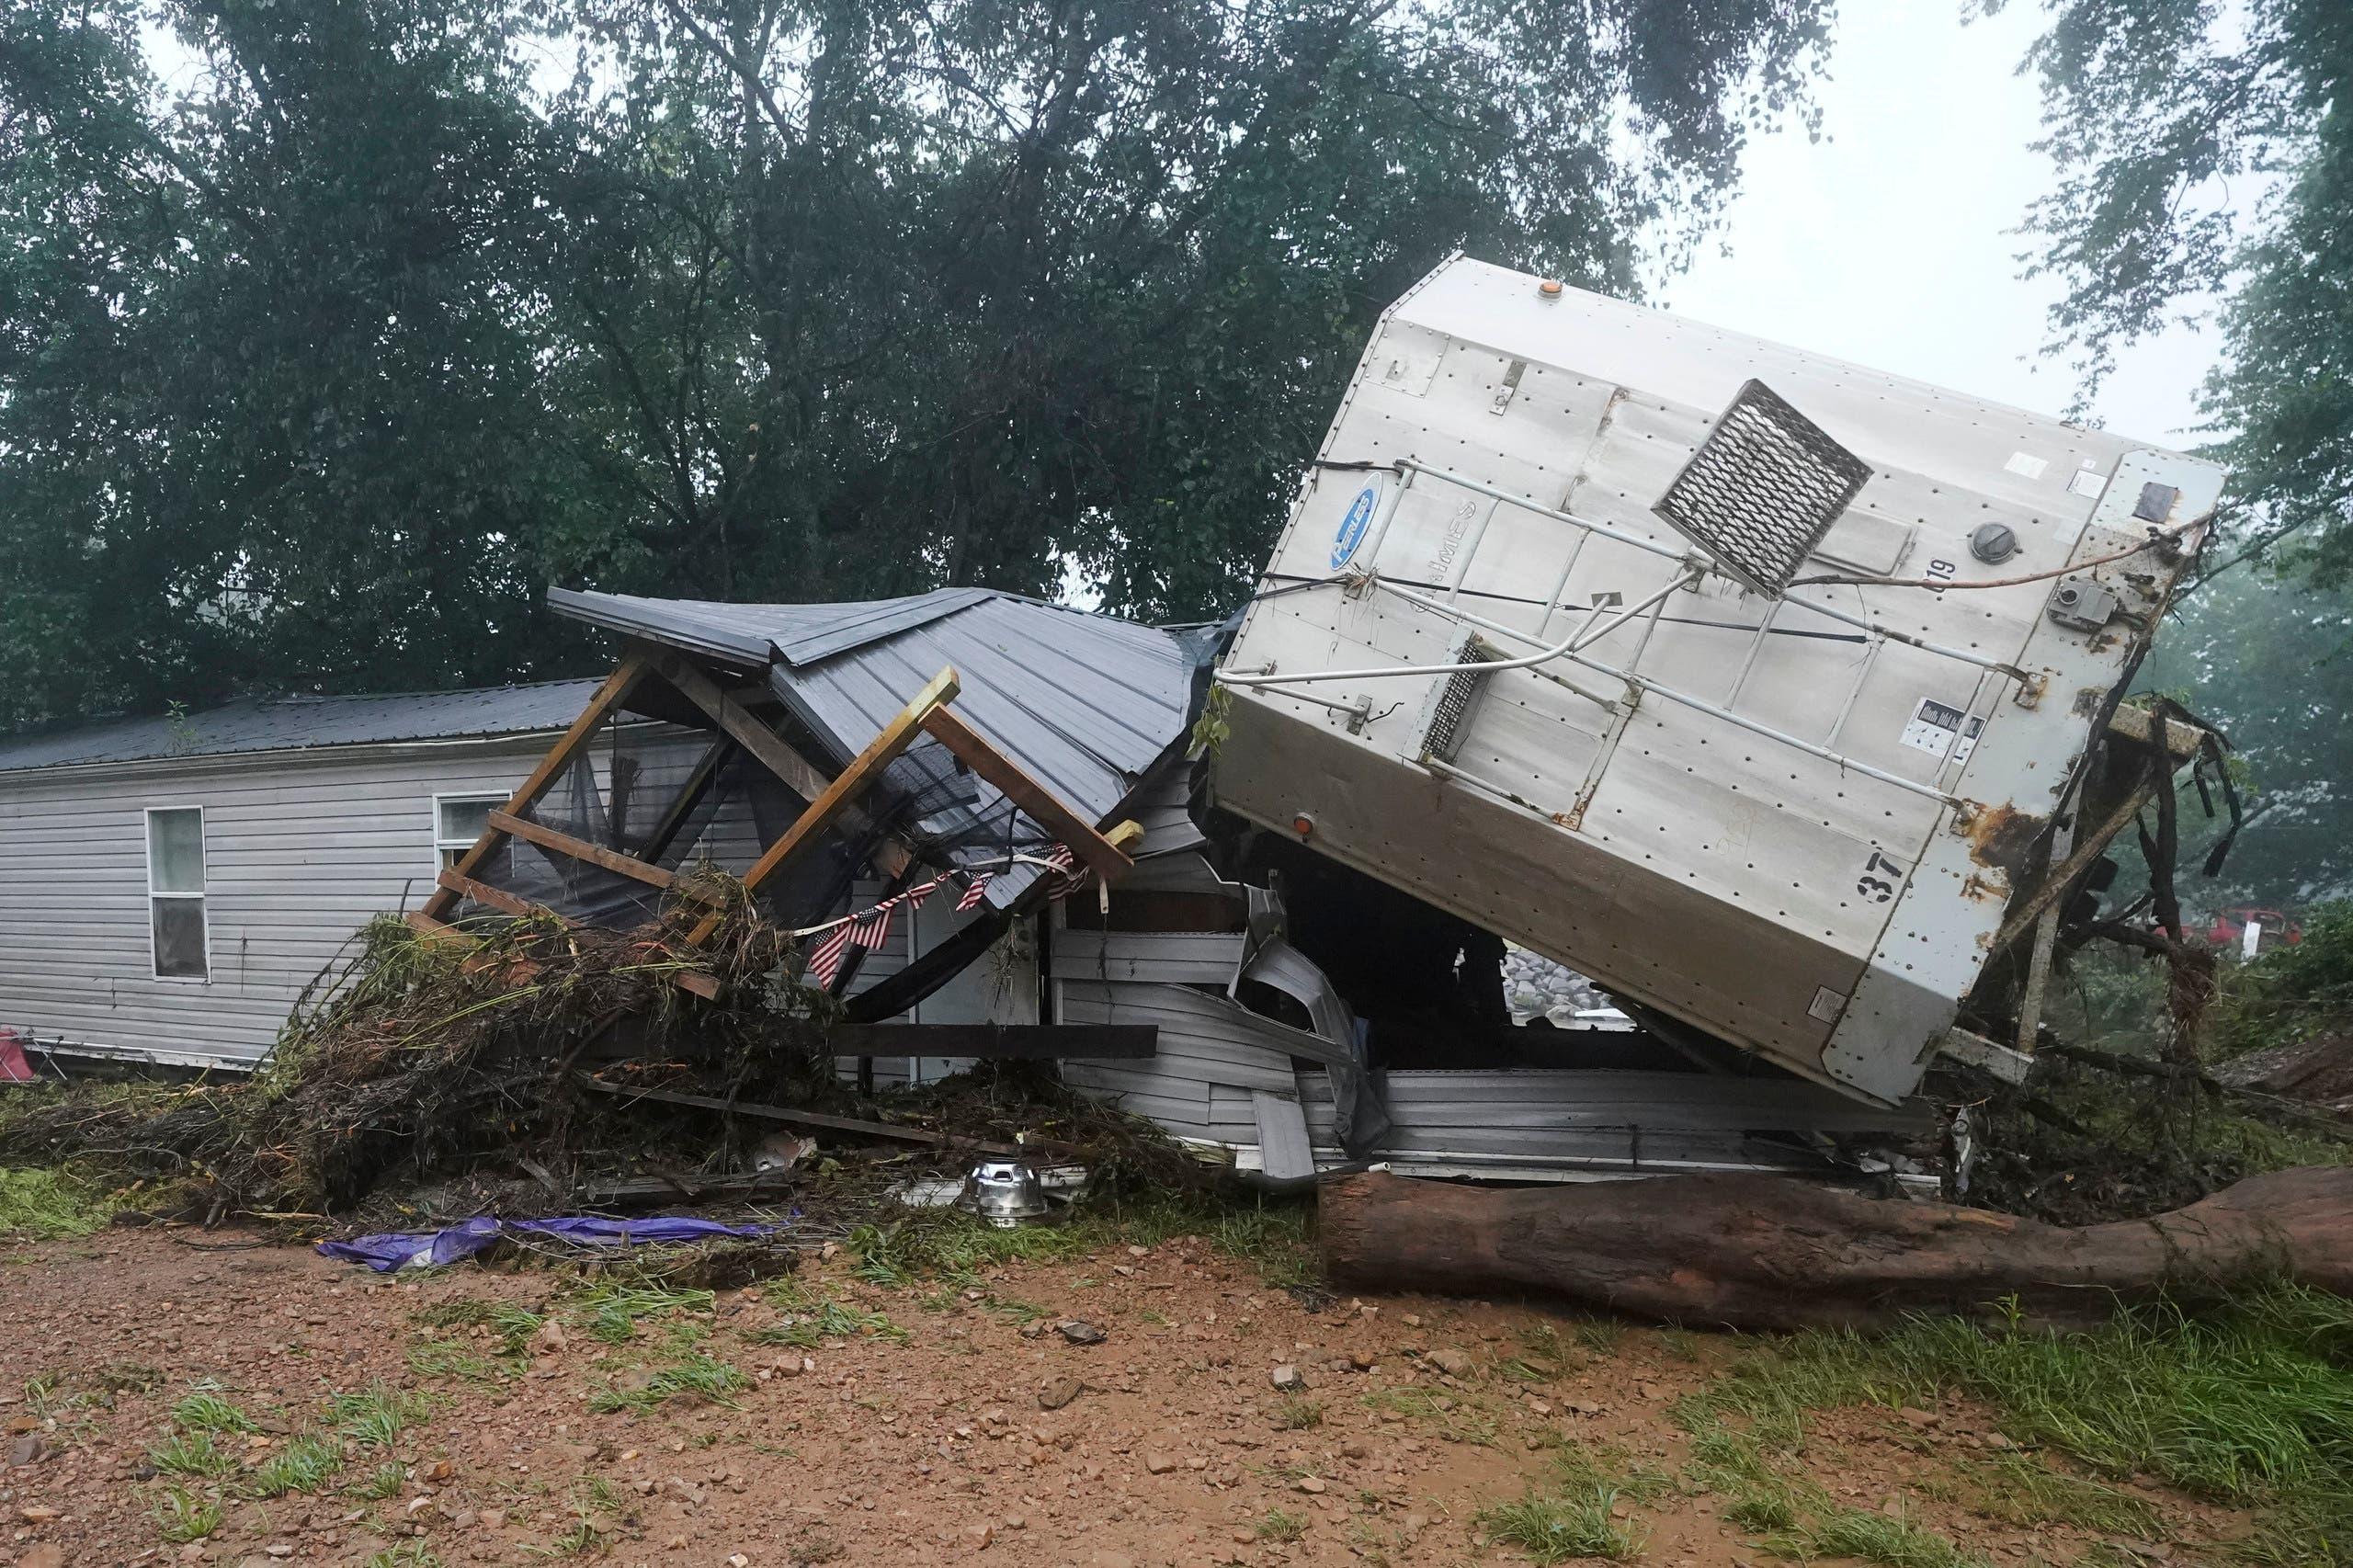 من الأضرار التي خلفتها الفيضانات في تينيسي